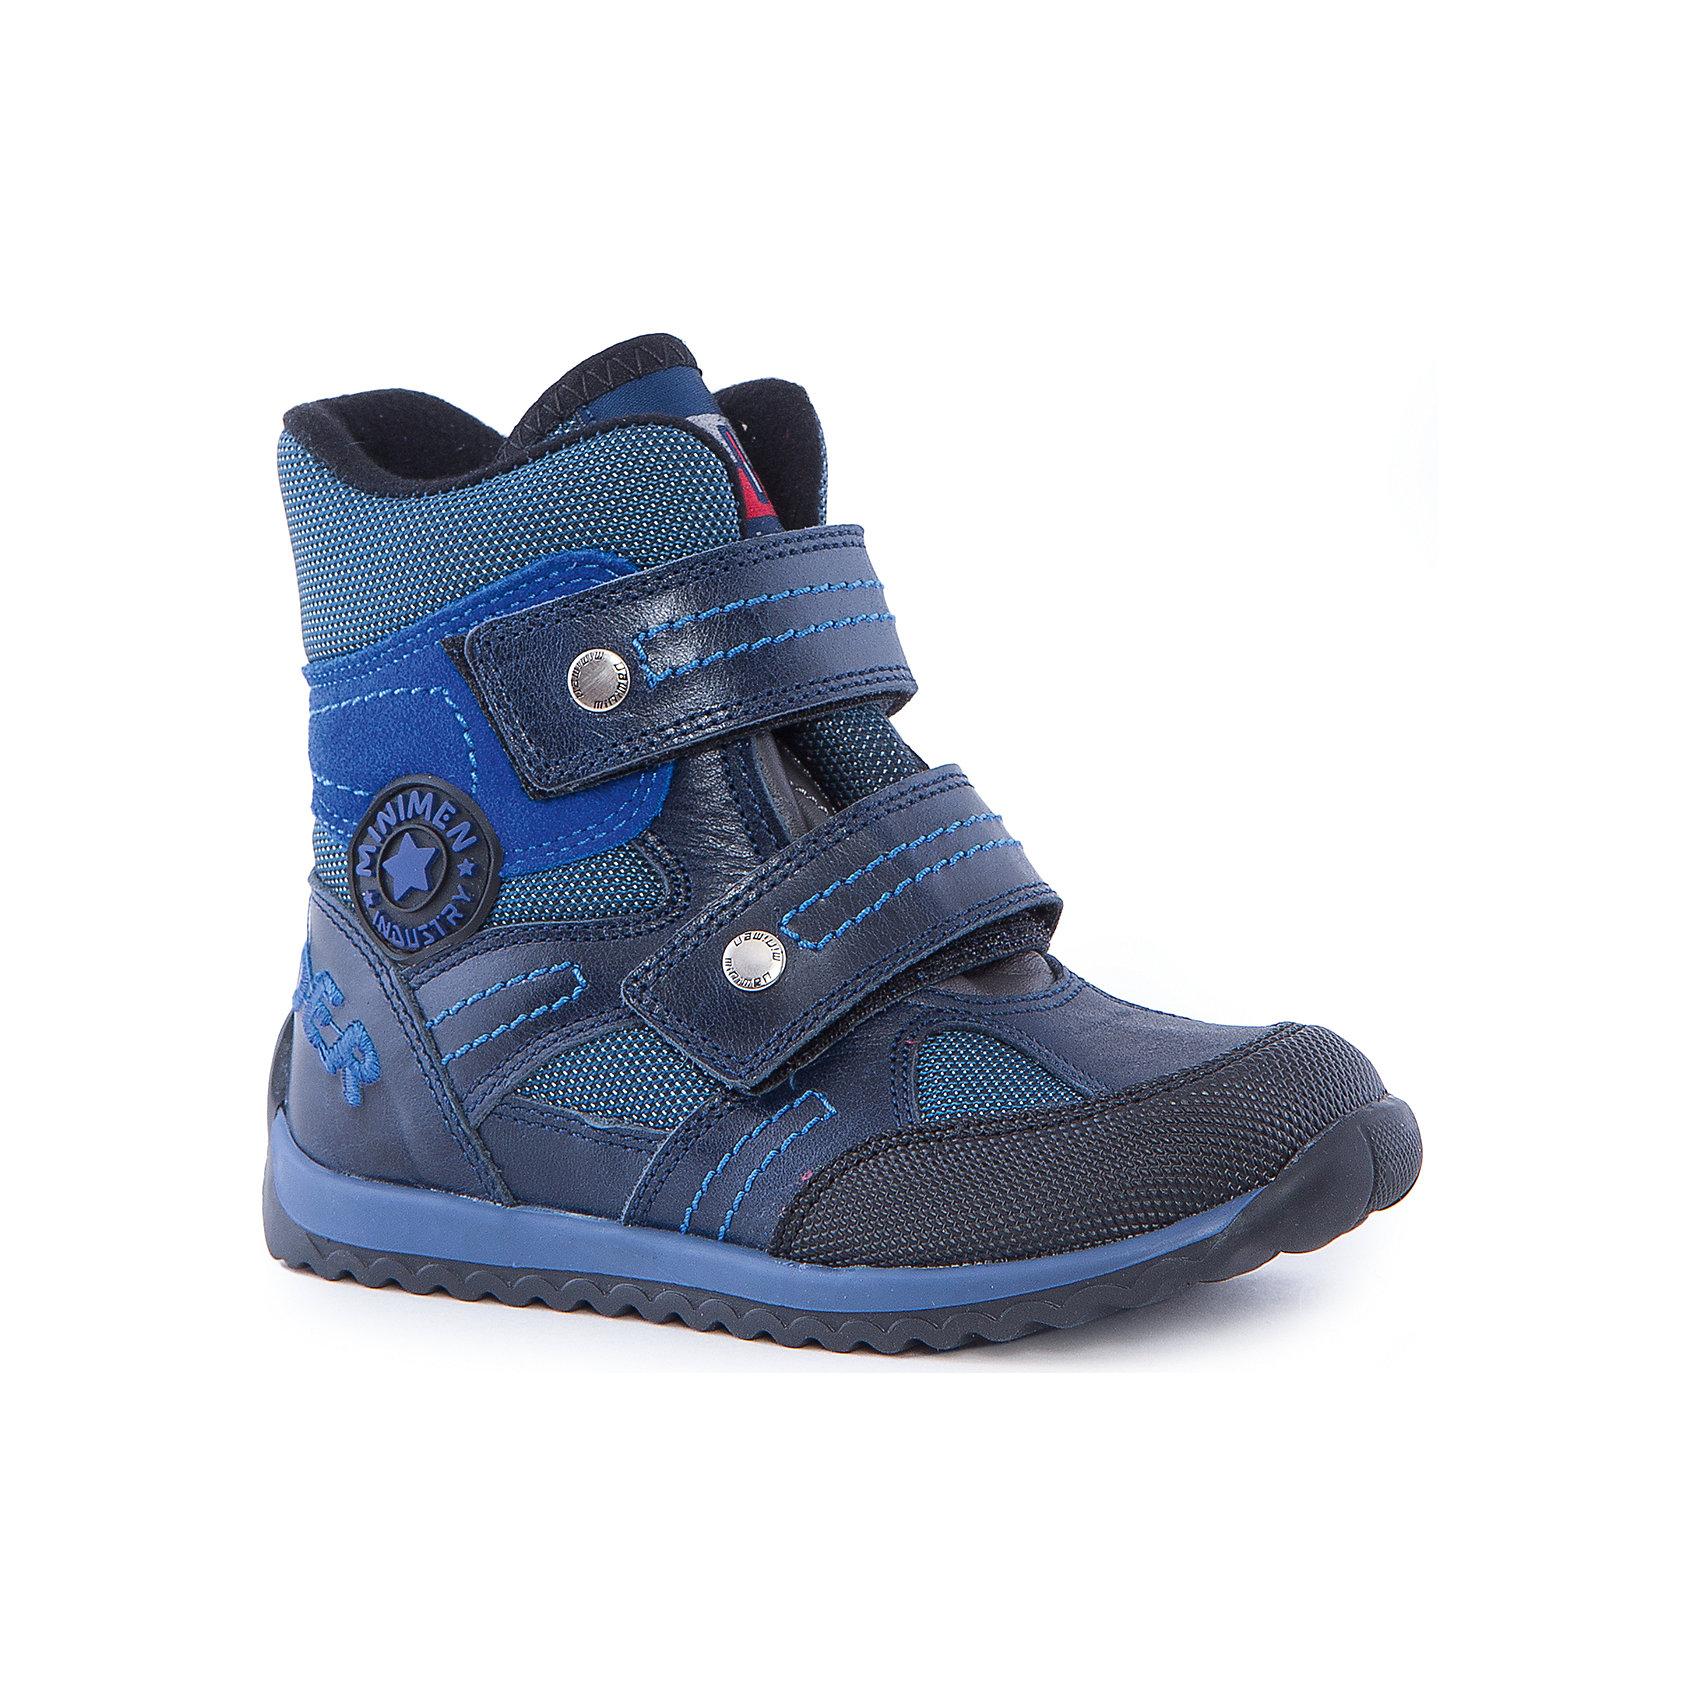 Полусапоги для мальчика MinimenПолусапоги от Minimen изготовлены из натуральной кожи. Они хорошо фиксируют ногу, имеют удобные липучки-застежки. Рельефная подошва обеспечит дополнительную устойчивость. Подходят для осени-теплой зимы.<br><br>Дополнительная информация:<br>Стелька: супинатор<br>Цвет: синий<br>Сезон: осень-зима<br>Материал: 100% кожа. Подкладка: текстиль<br><br>Полусапоги Minimen можно купить в нашем интернет-магазине.<br><br>Ширина мм: 257<br>Глубина мм: 180<br>Высота мм: 130<br>Вес г: 420<br>Цвет: синий<br>Возраст от месяцев: 24<br>Возраст до месяцев: 24<br>Пол: Мужской<br>Возраст: Детский<br>Размер: 25,30,26,27,28,29<br>SKU: 4969807